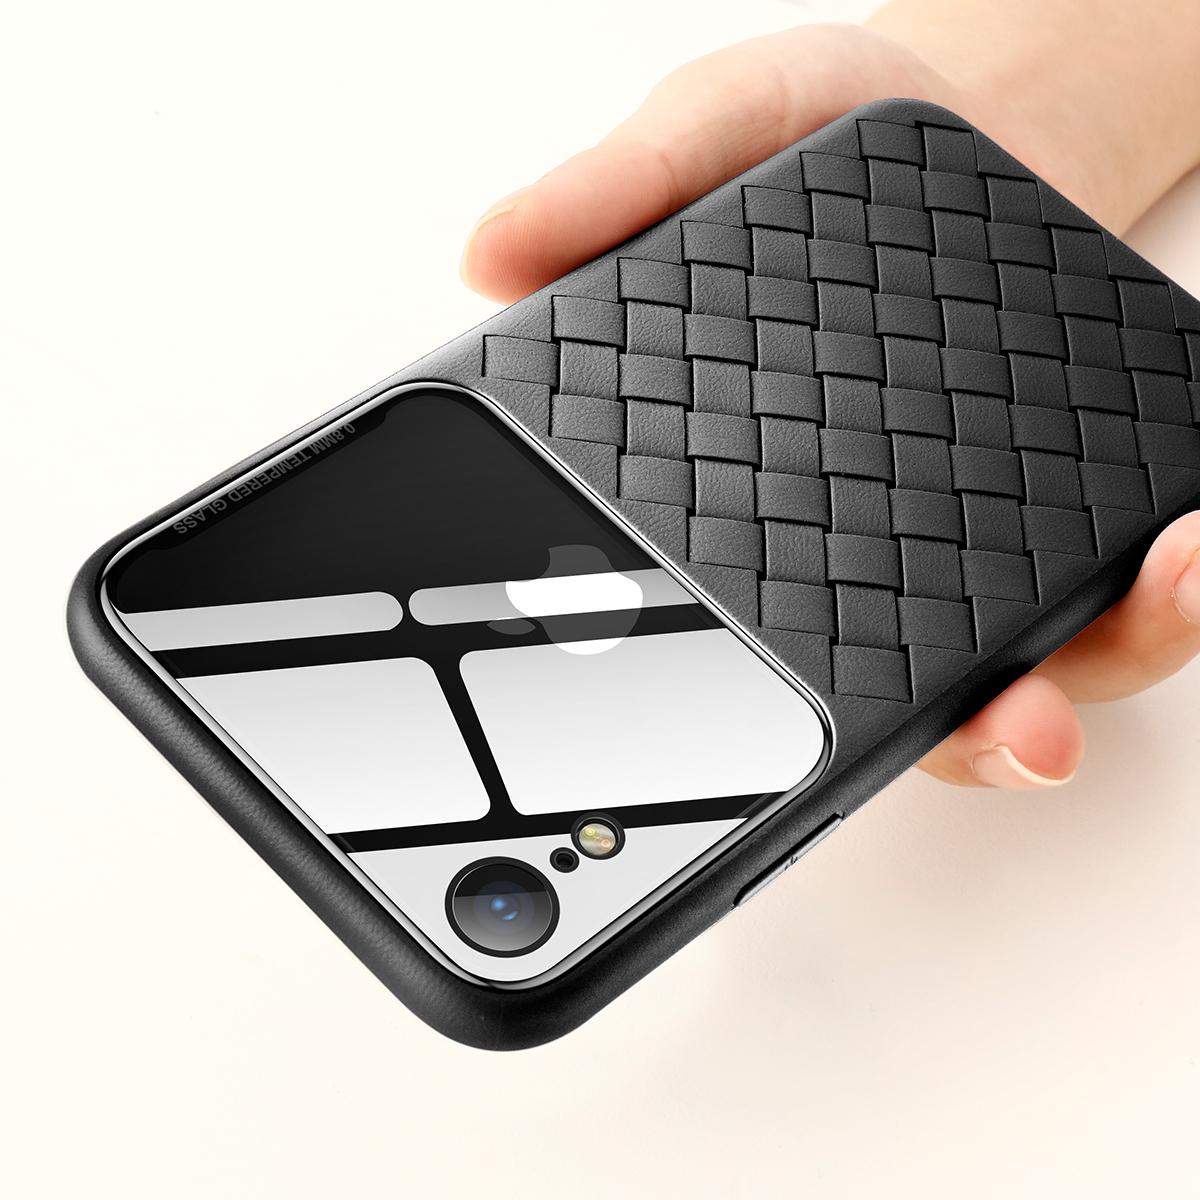 BaseusЗащитныйЧехолдляiPhoneXR Устойчивый к царапинам закаленный стекло сплетенный задний чехол ТПУ